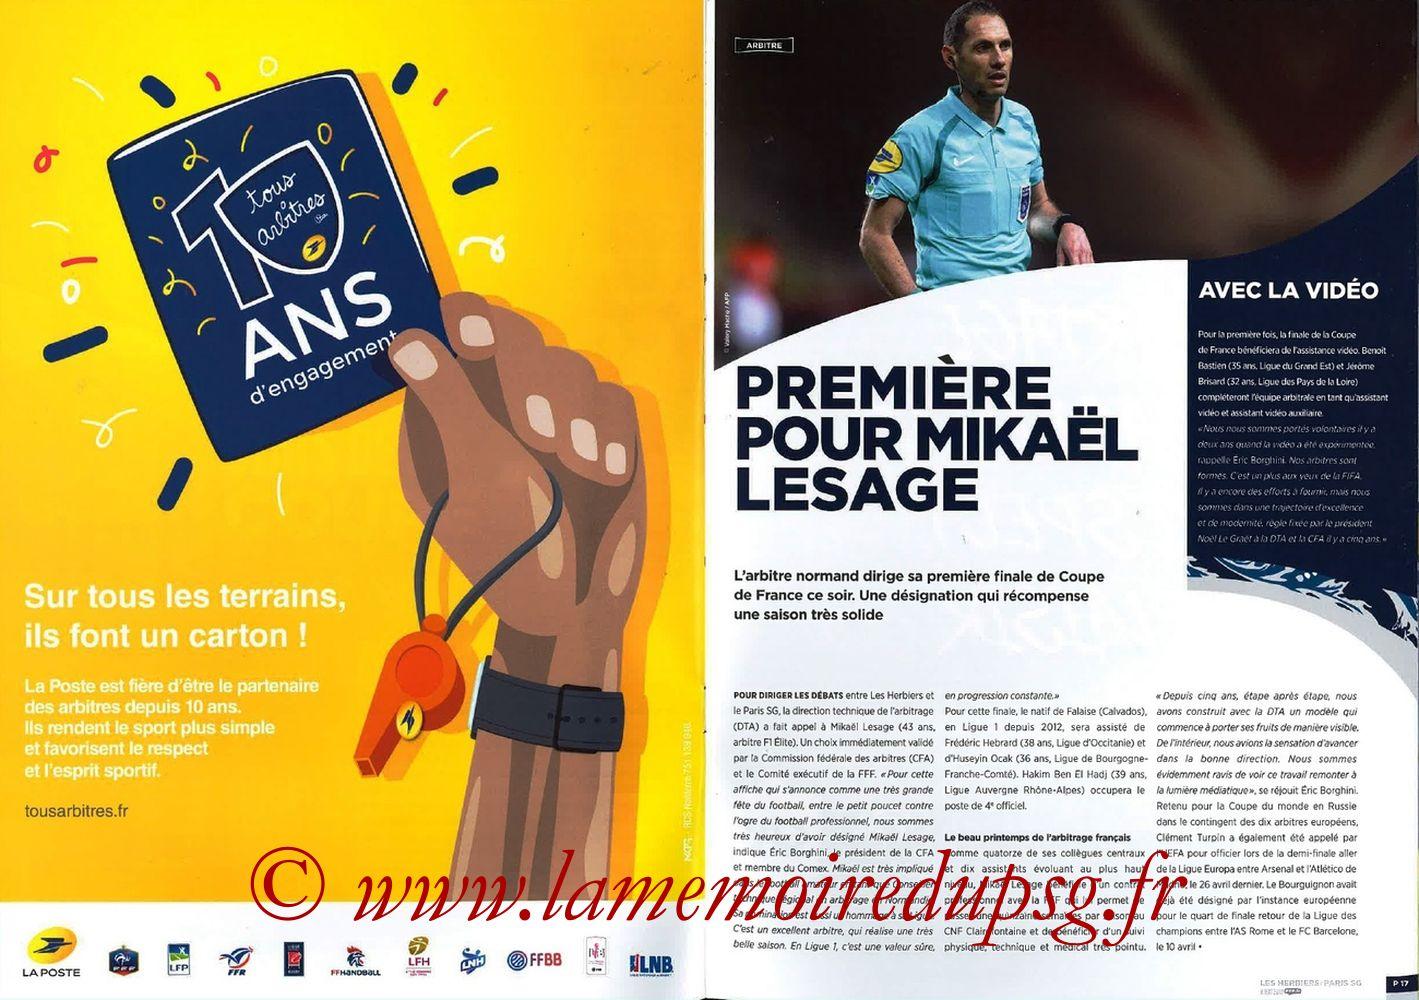 2018-05-08  Les Herbiers-PSG (Finale CF à Saint-Denis, Programme officiel FFF) - Pages 16 et 17